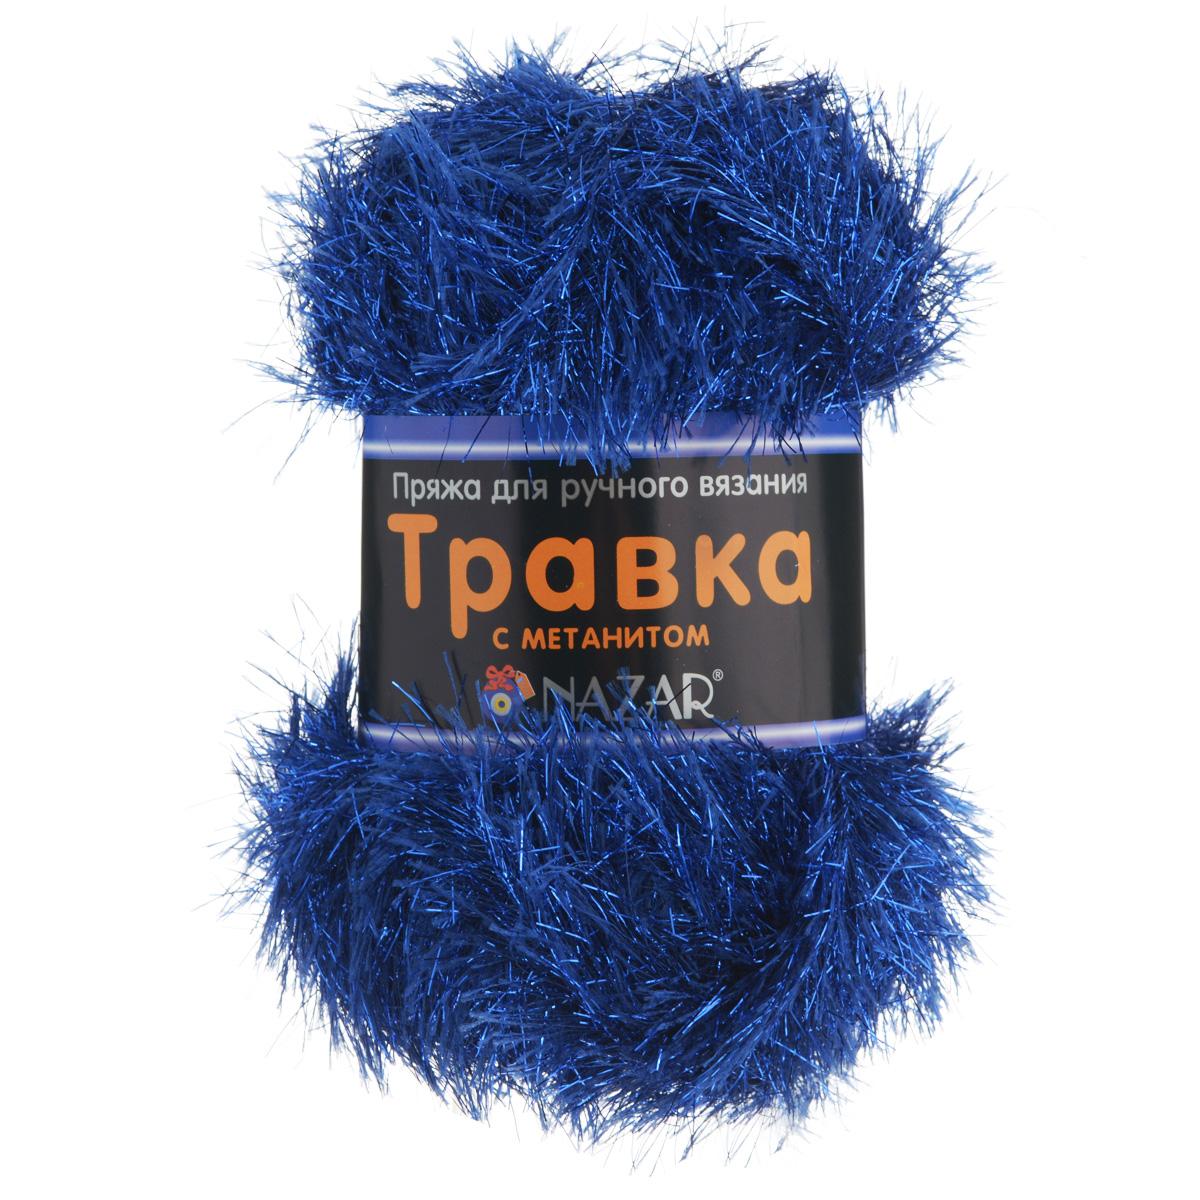 Пряжа для вязания Nazar Травка с метанитом, цвет: синий (2007), 115 м, 100 г, 5 шт349021_2007Пряжа для вязания Nazar Травка с метанитом изготовлена из 90% полиэстера, 10% метанита. Это - пряжа с ворсом. Изделия выглядят как меховые, а добавление метанита придает блеск. Полотно выглядит пушистым с обеих сторон. Пряжа используется для отделки изделий, создания игрушек, а также хороша для новогодних костюмов и в качестве мишуры. Подходит для вязания на спицах и крючках 4 мм. Состав: 90% полиэстер, 10% метанит. Комплектация: 5 шт. Толщина нити: 1,5 мм.